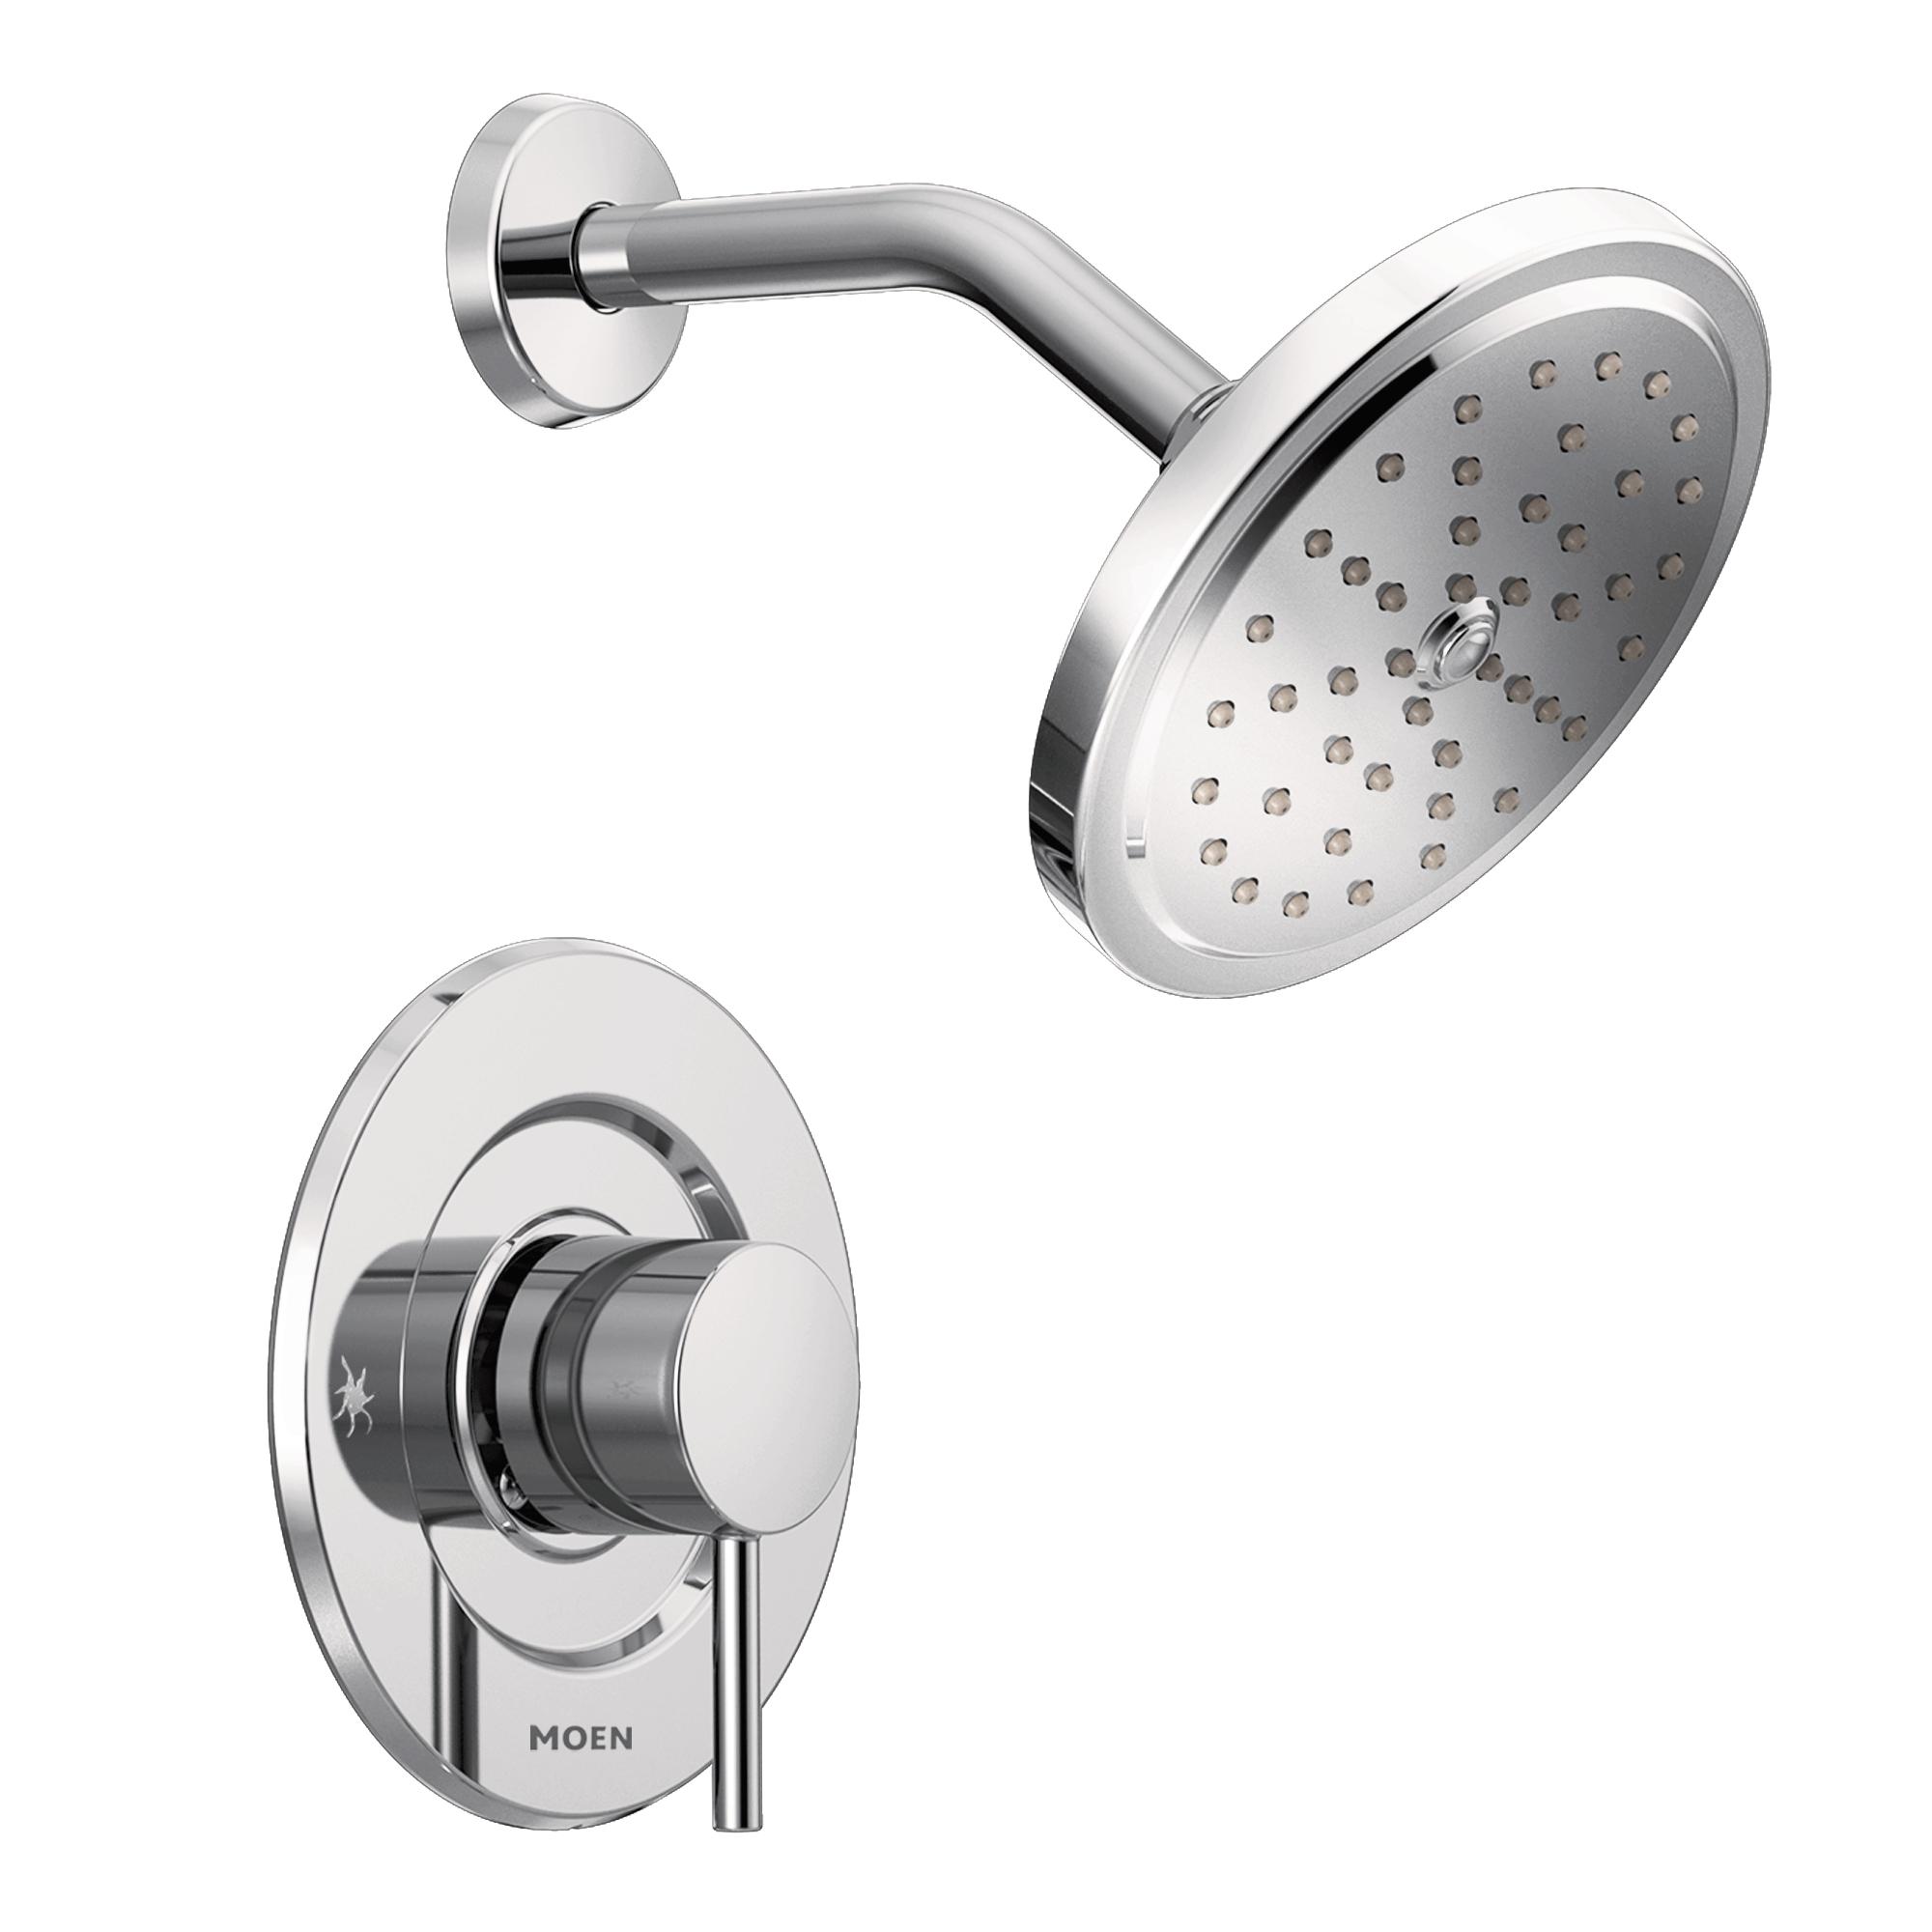 Moen Align Moentrol(R) Shower Only - Chrome (330697004 T3292) photo